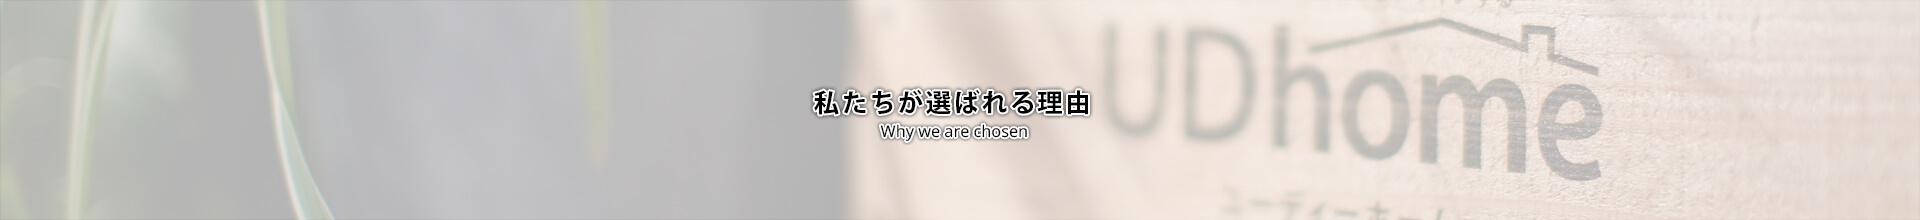 私たちが選ばれる理由